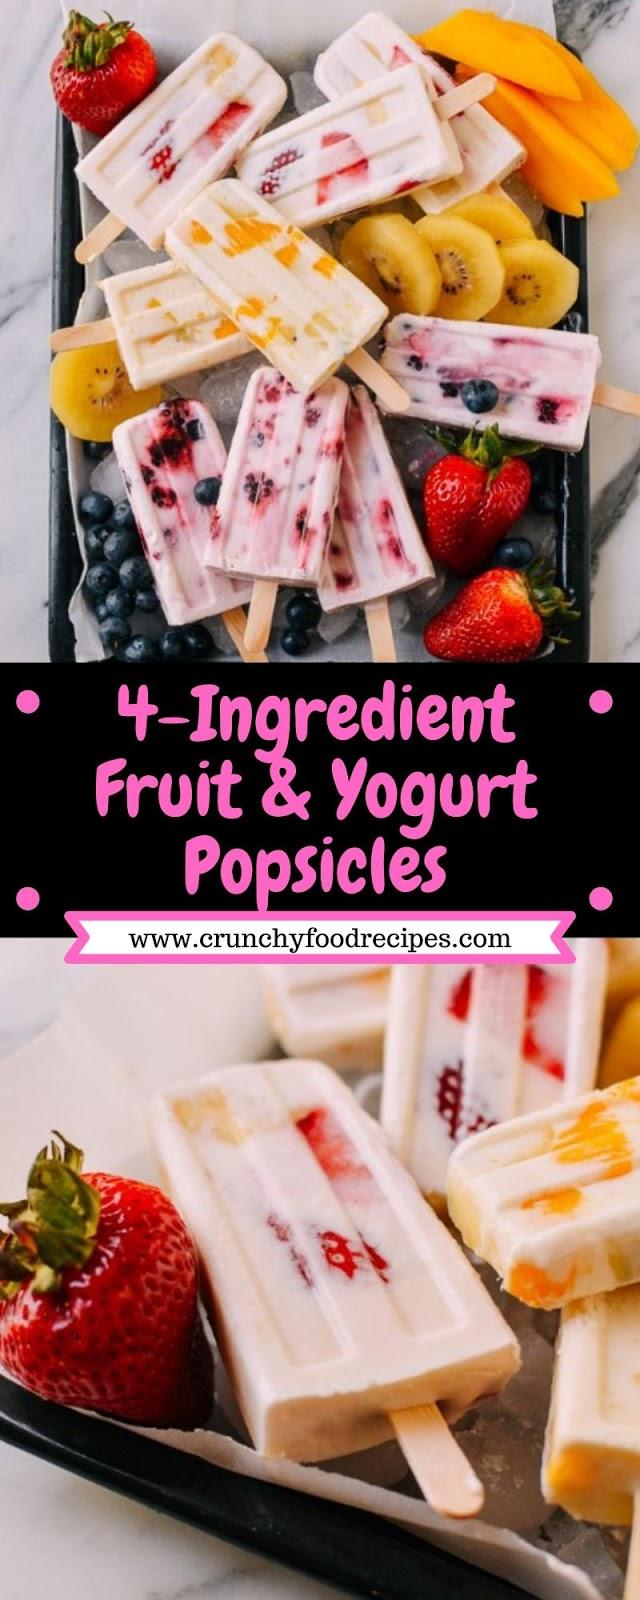 4-Ingredient Fruit & Yogurt Popsicles